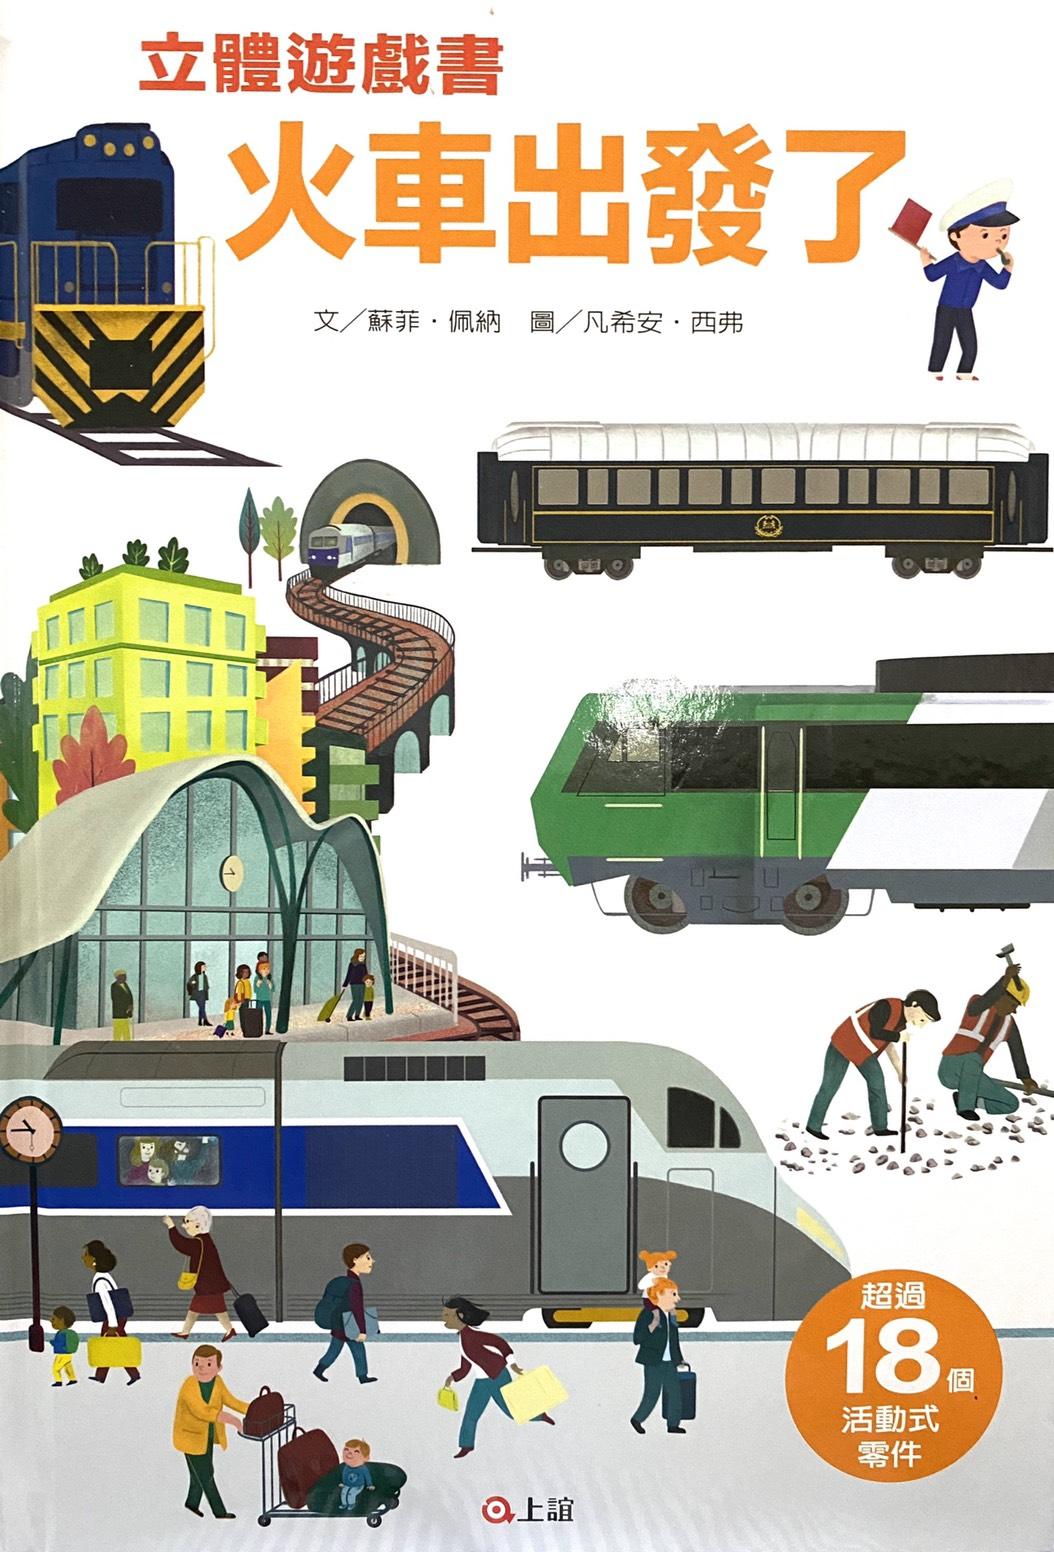 《蘇菲說故事》155 火車出發了